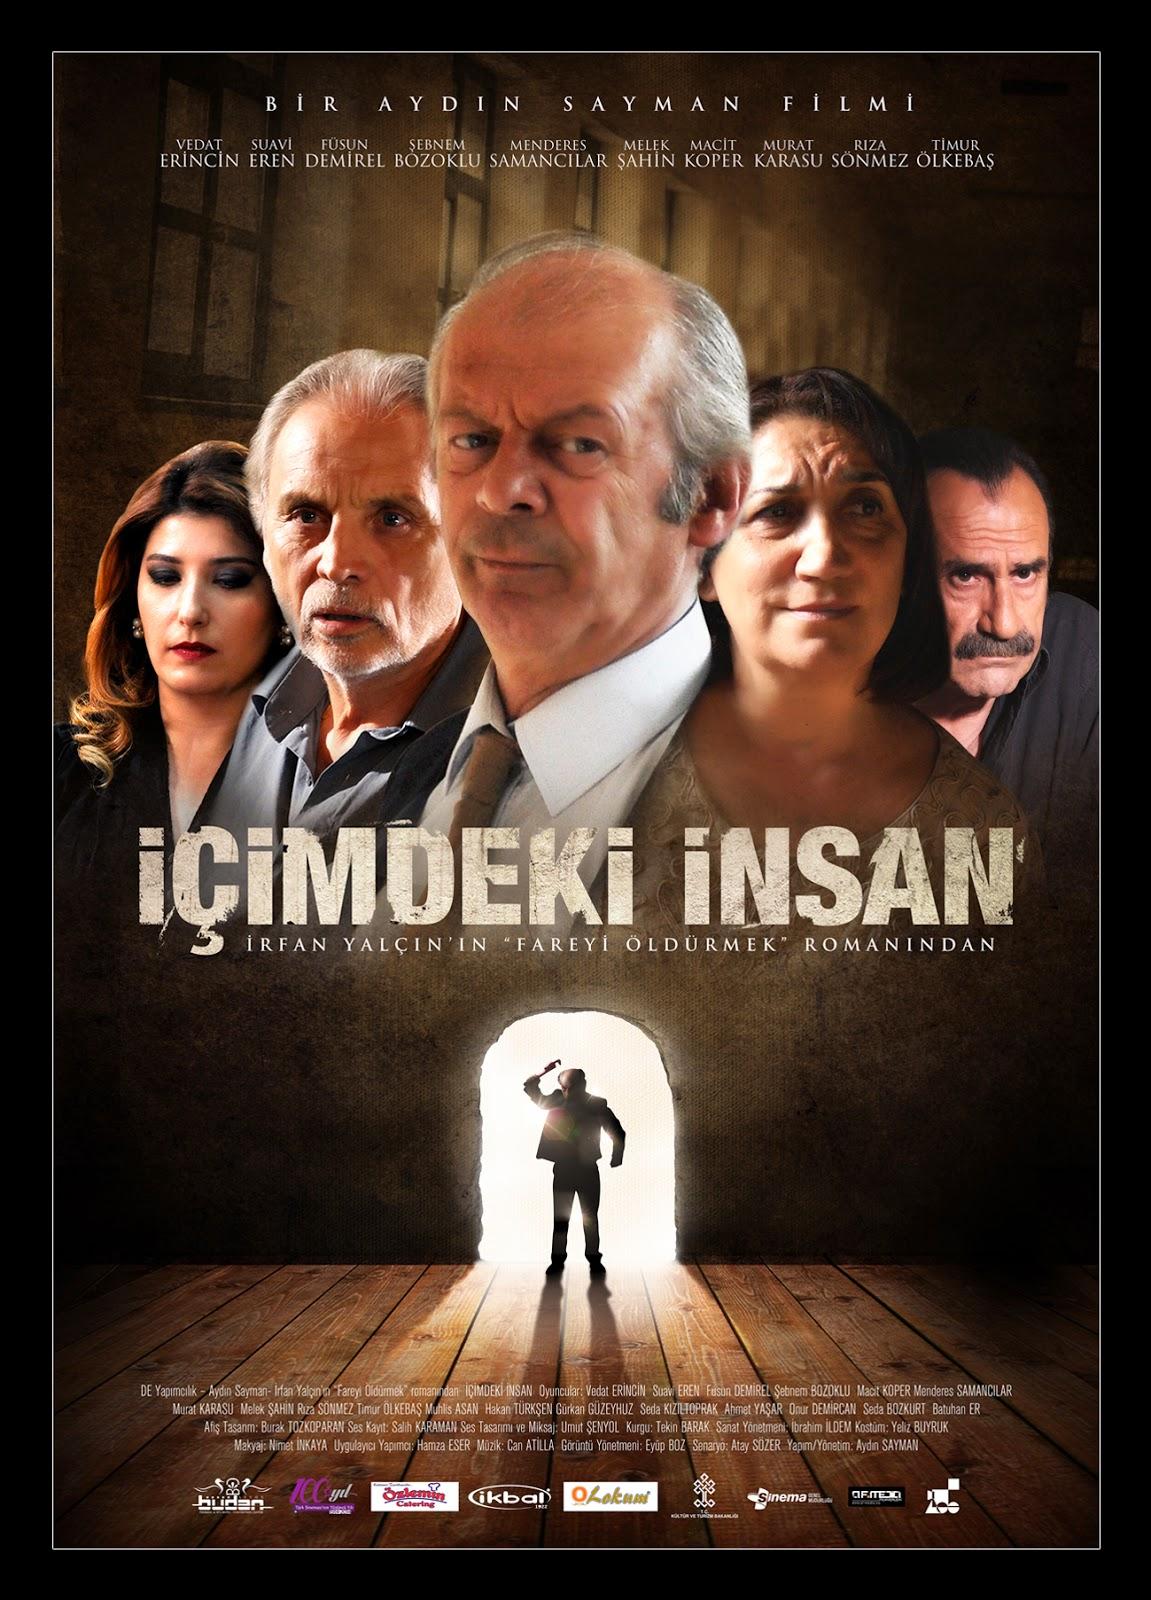 İÇİMDEKİ İNSAN- Film